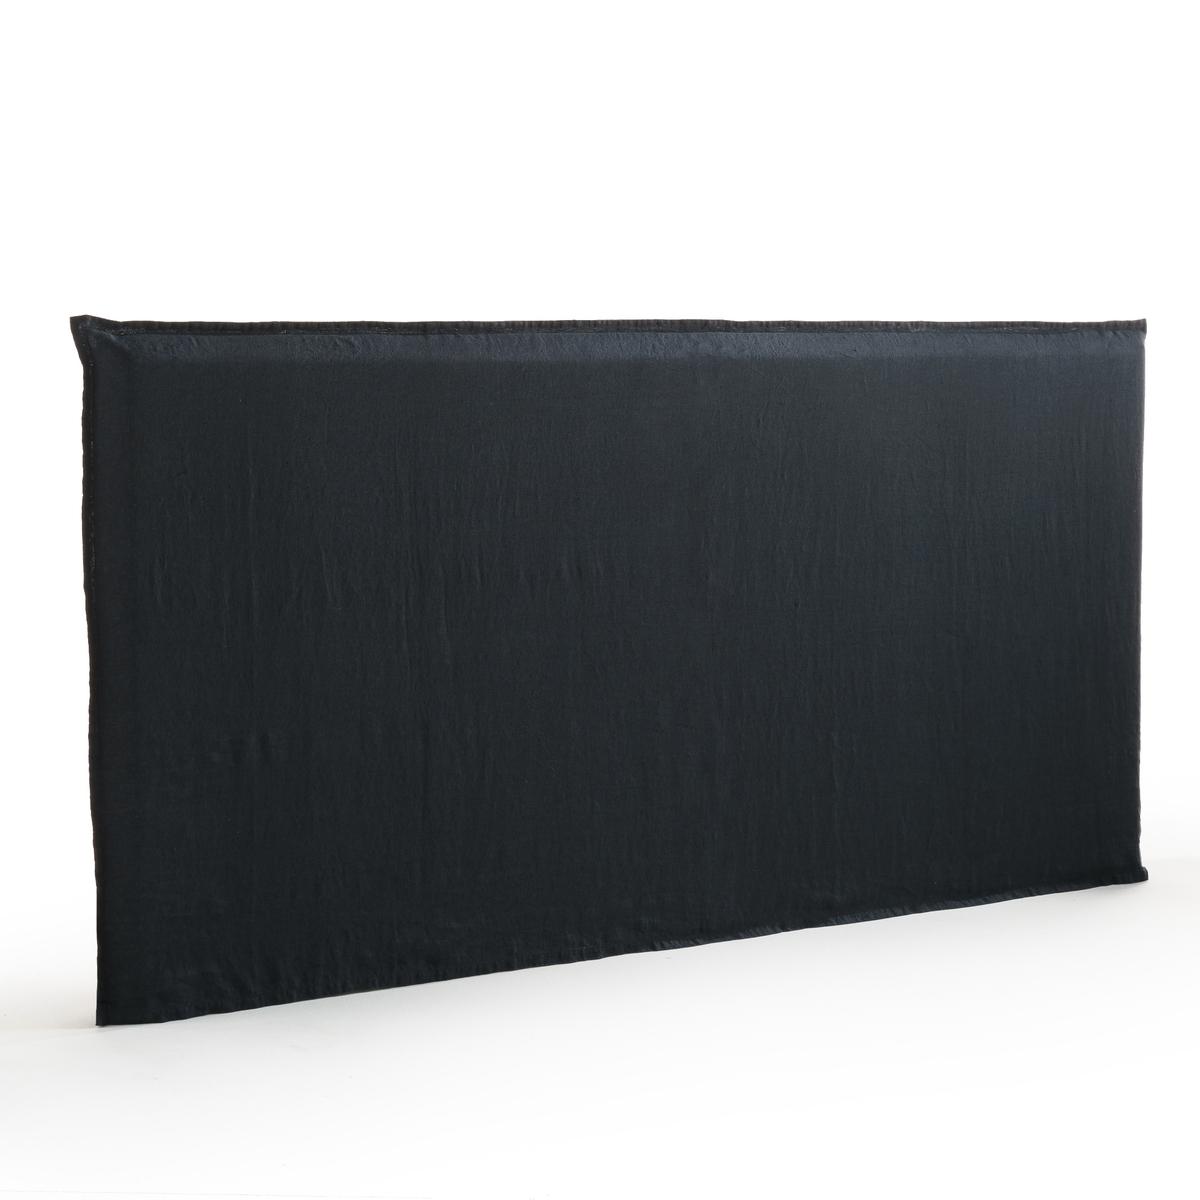 Чехол La Redoute Из стиранного льна для изголовья кровати XL Sandor единый размер серый чехол из льна с помпонами для изголовья кровати sandor